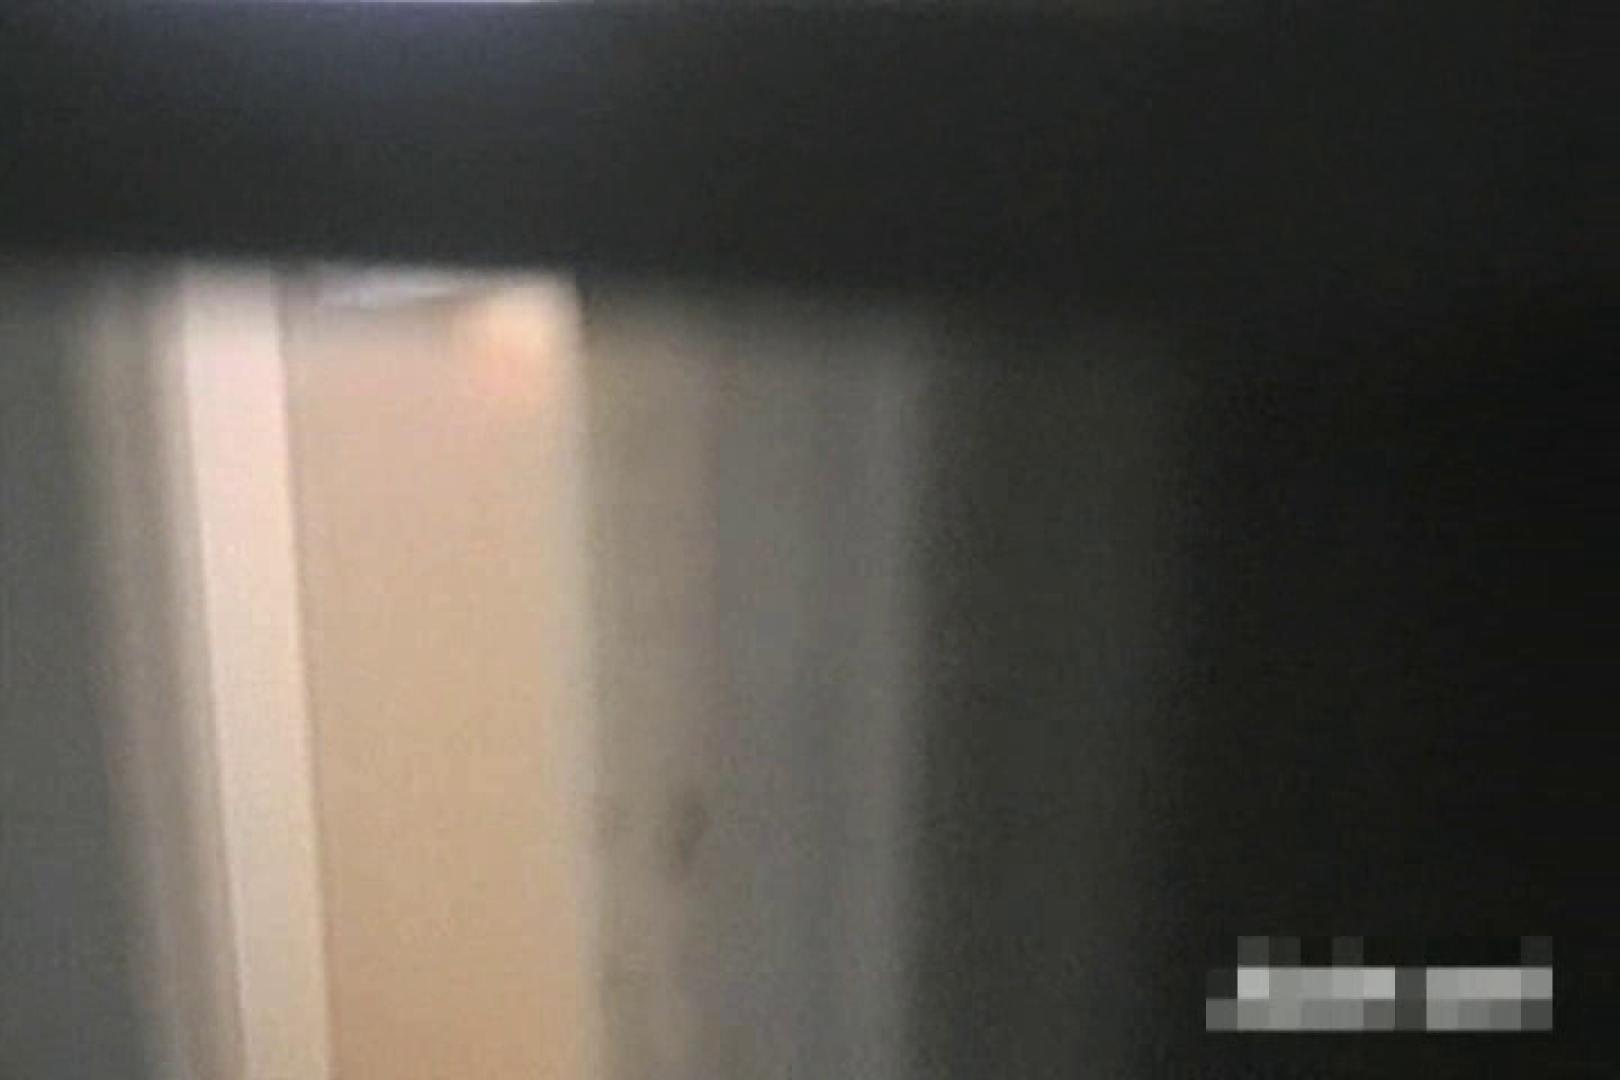 激撮ストーカー記録あなたのお宅拝見しますVol.1 民家  98pic 24